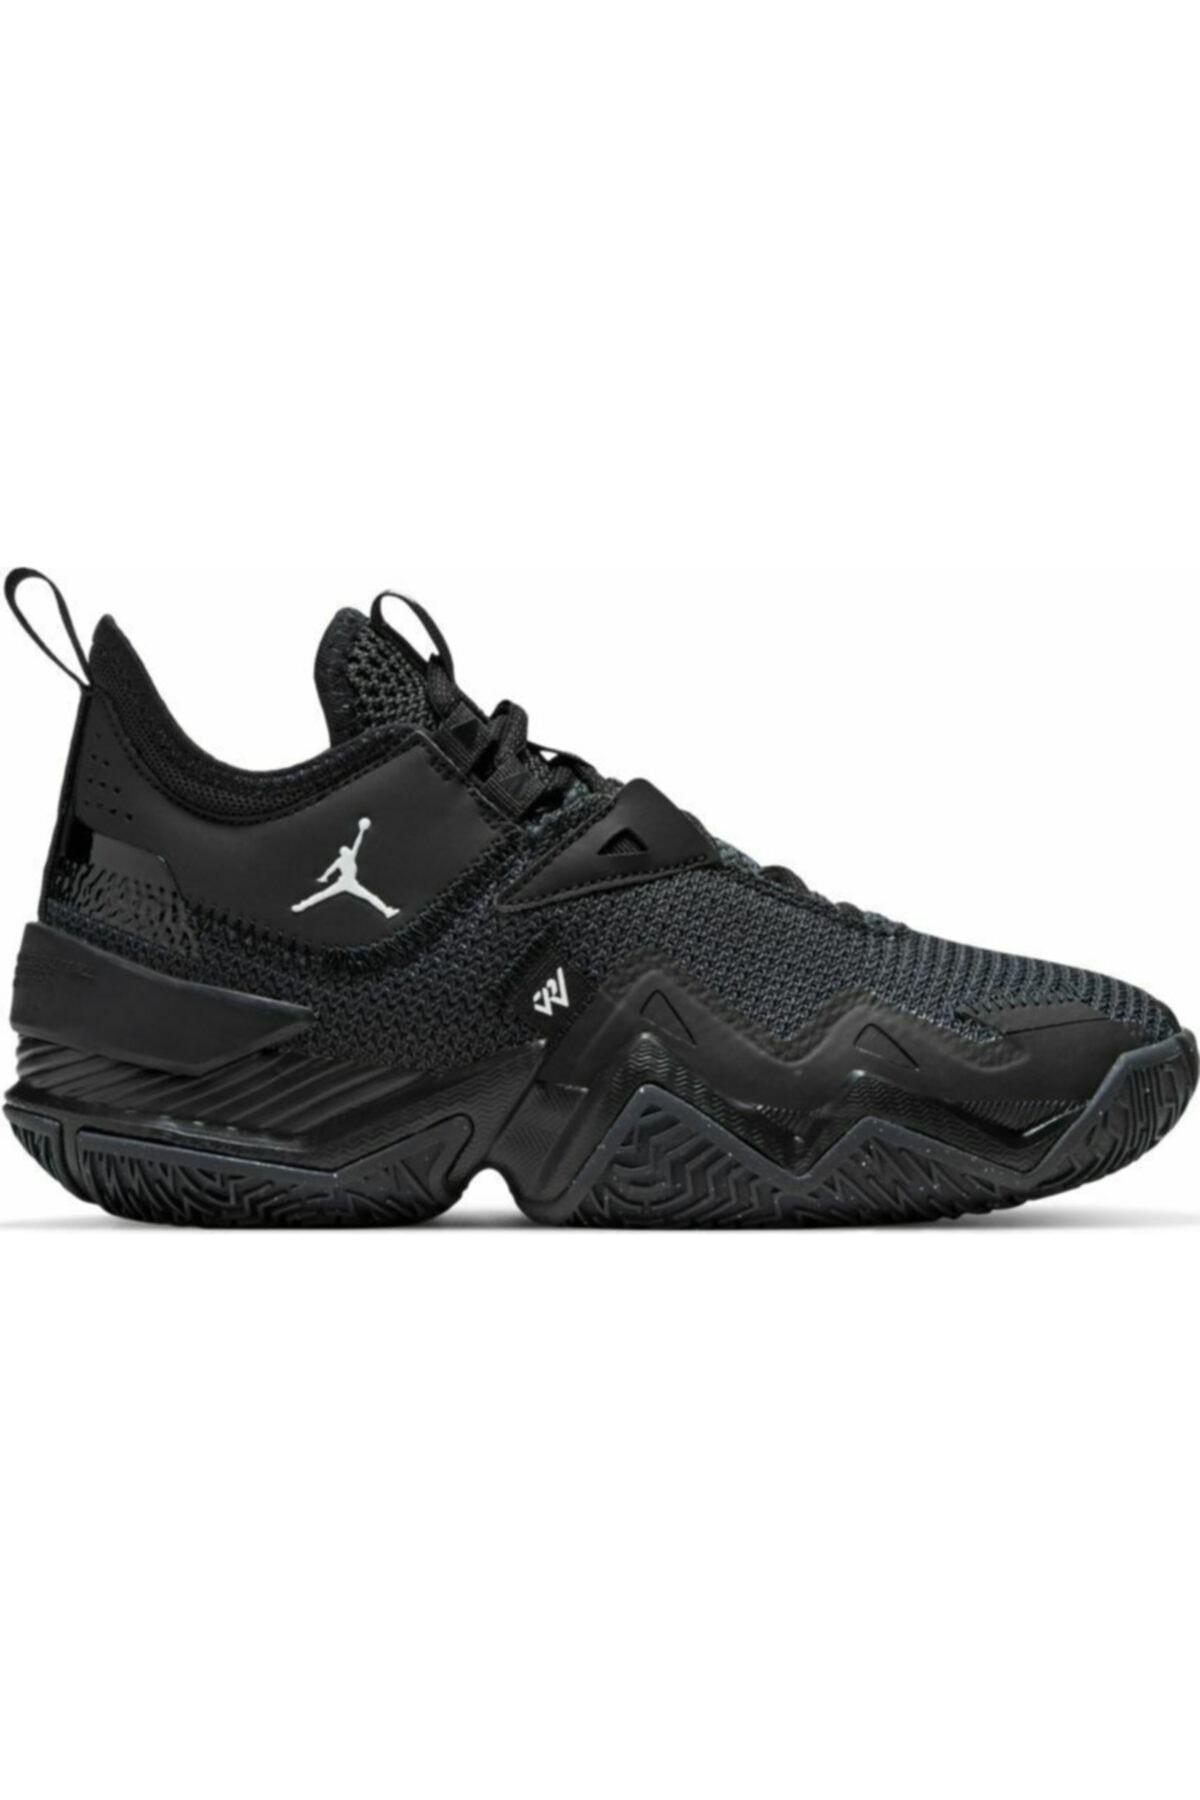 سفارش انلاین کفش کتونی مردانه ساده برند Nike رنگ مشکی کد ty57576993